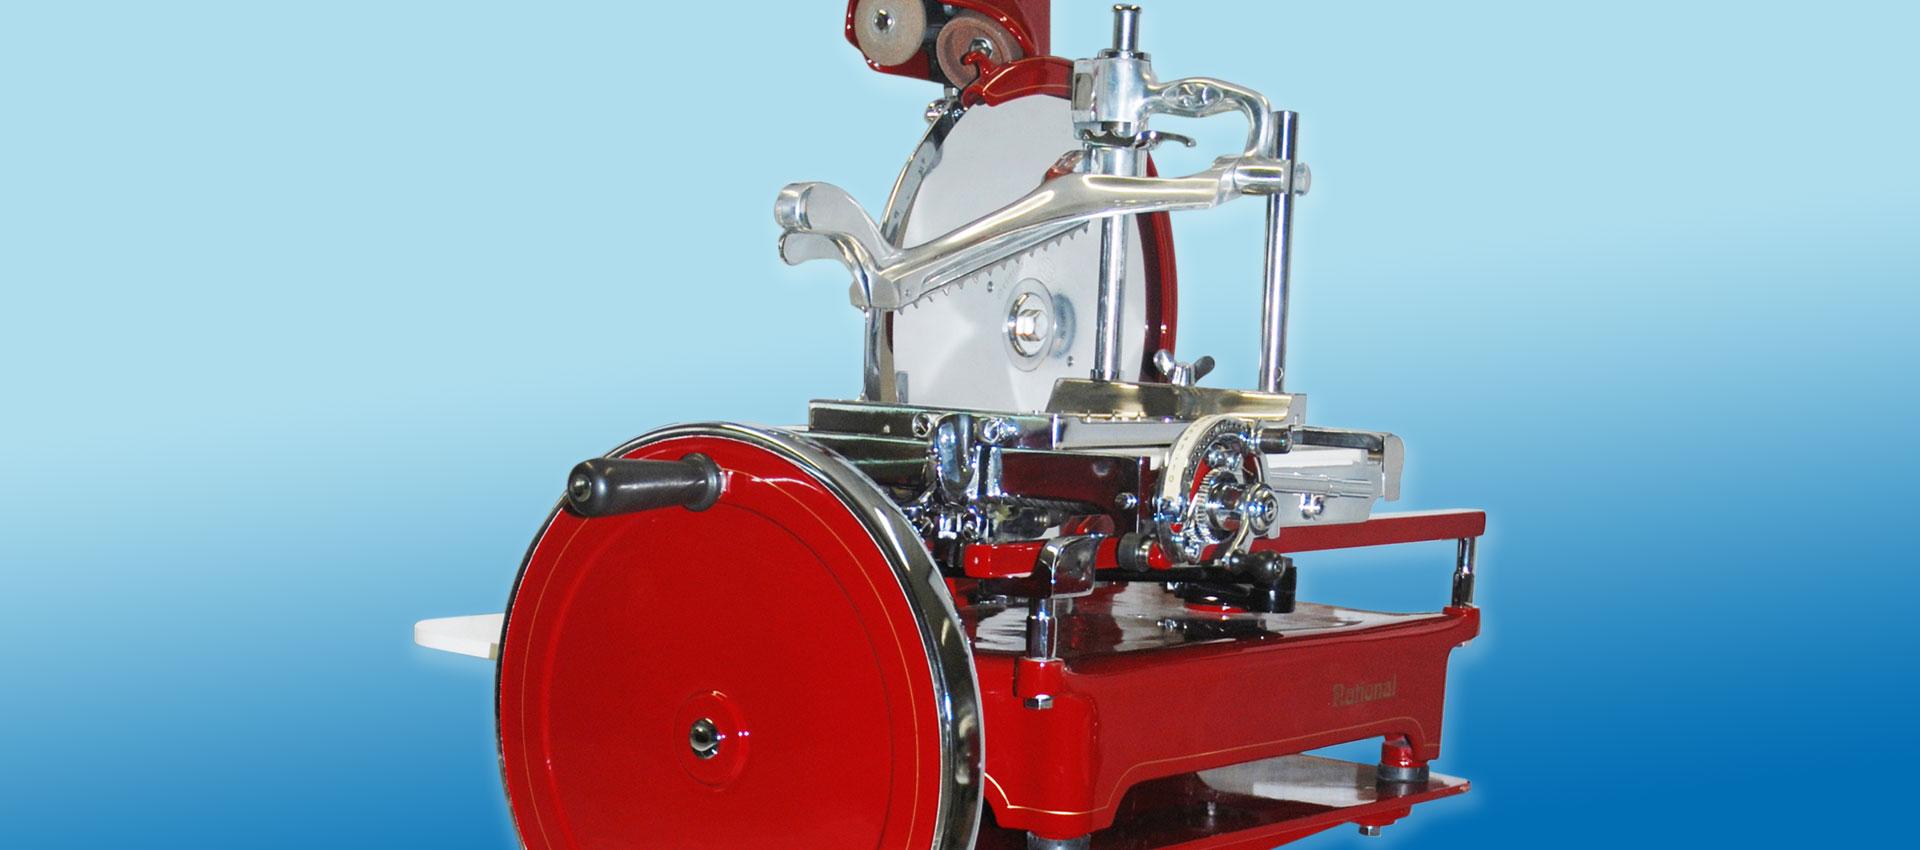 Prosciutto Schwungrad-Schneidemaschine Nostalgie